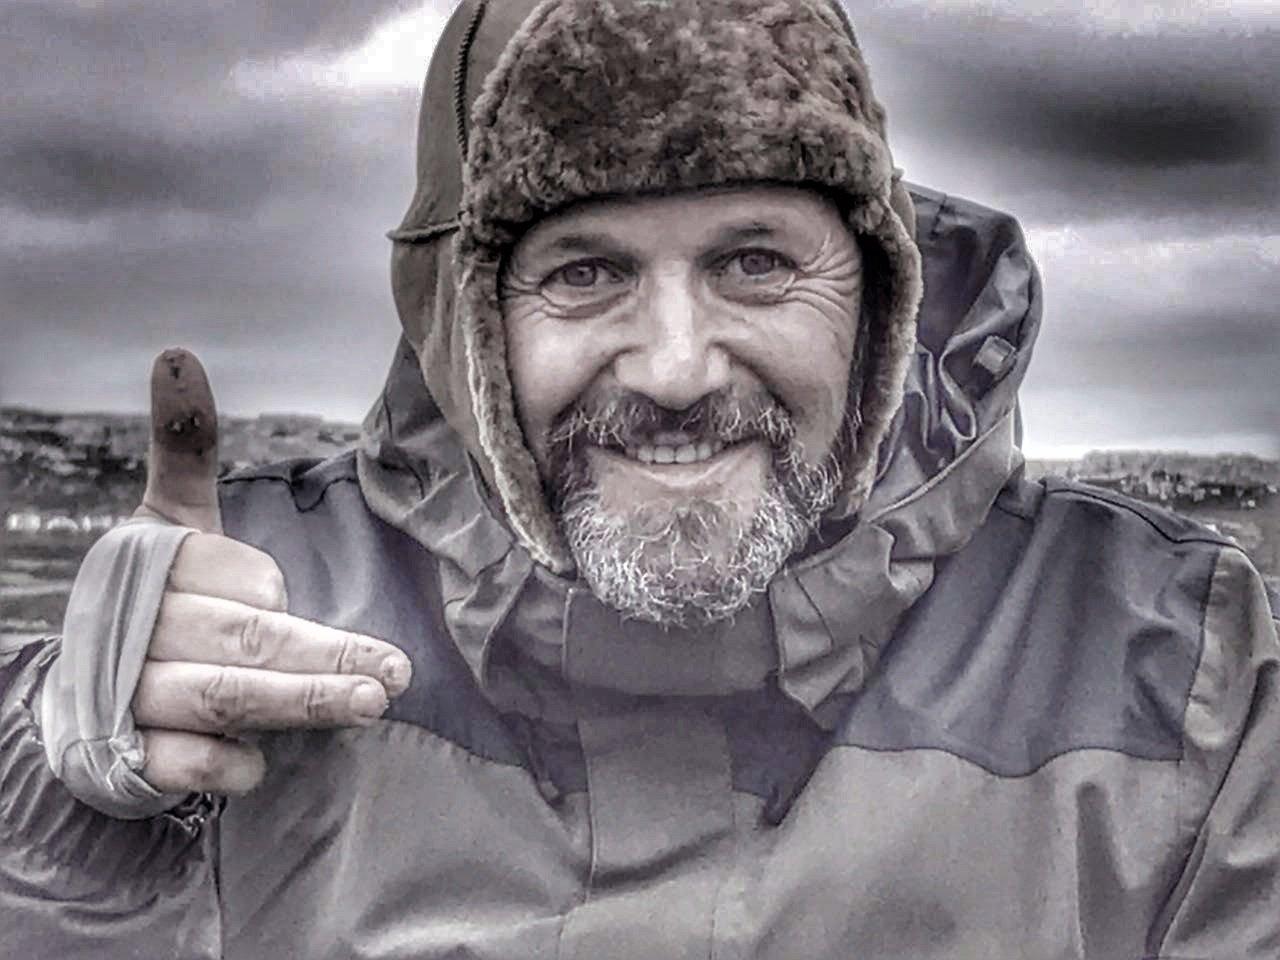 El excombatiente Germán Feldman en las islas Malvinas